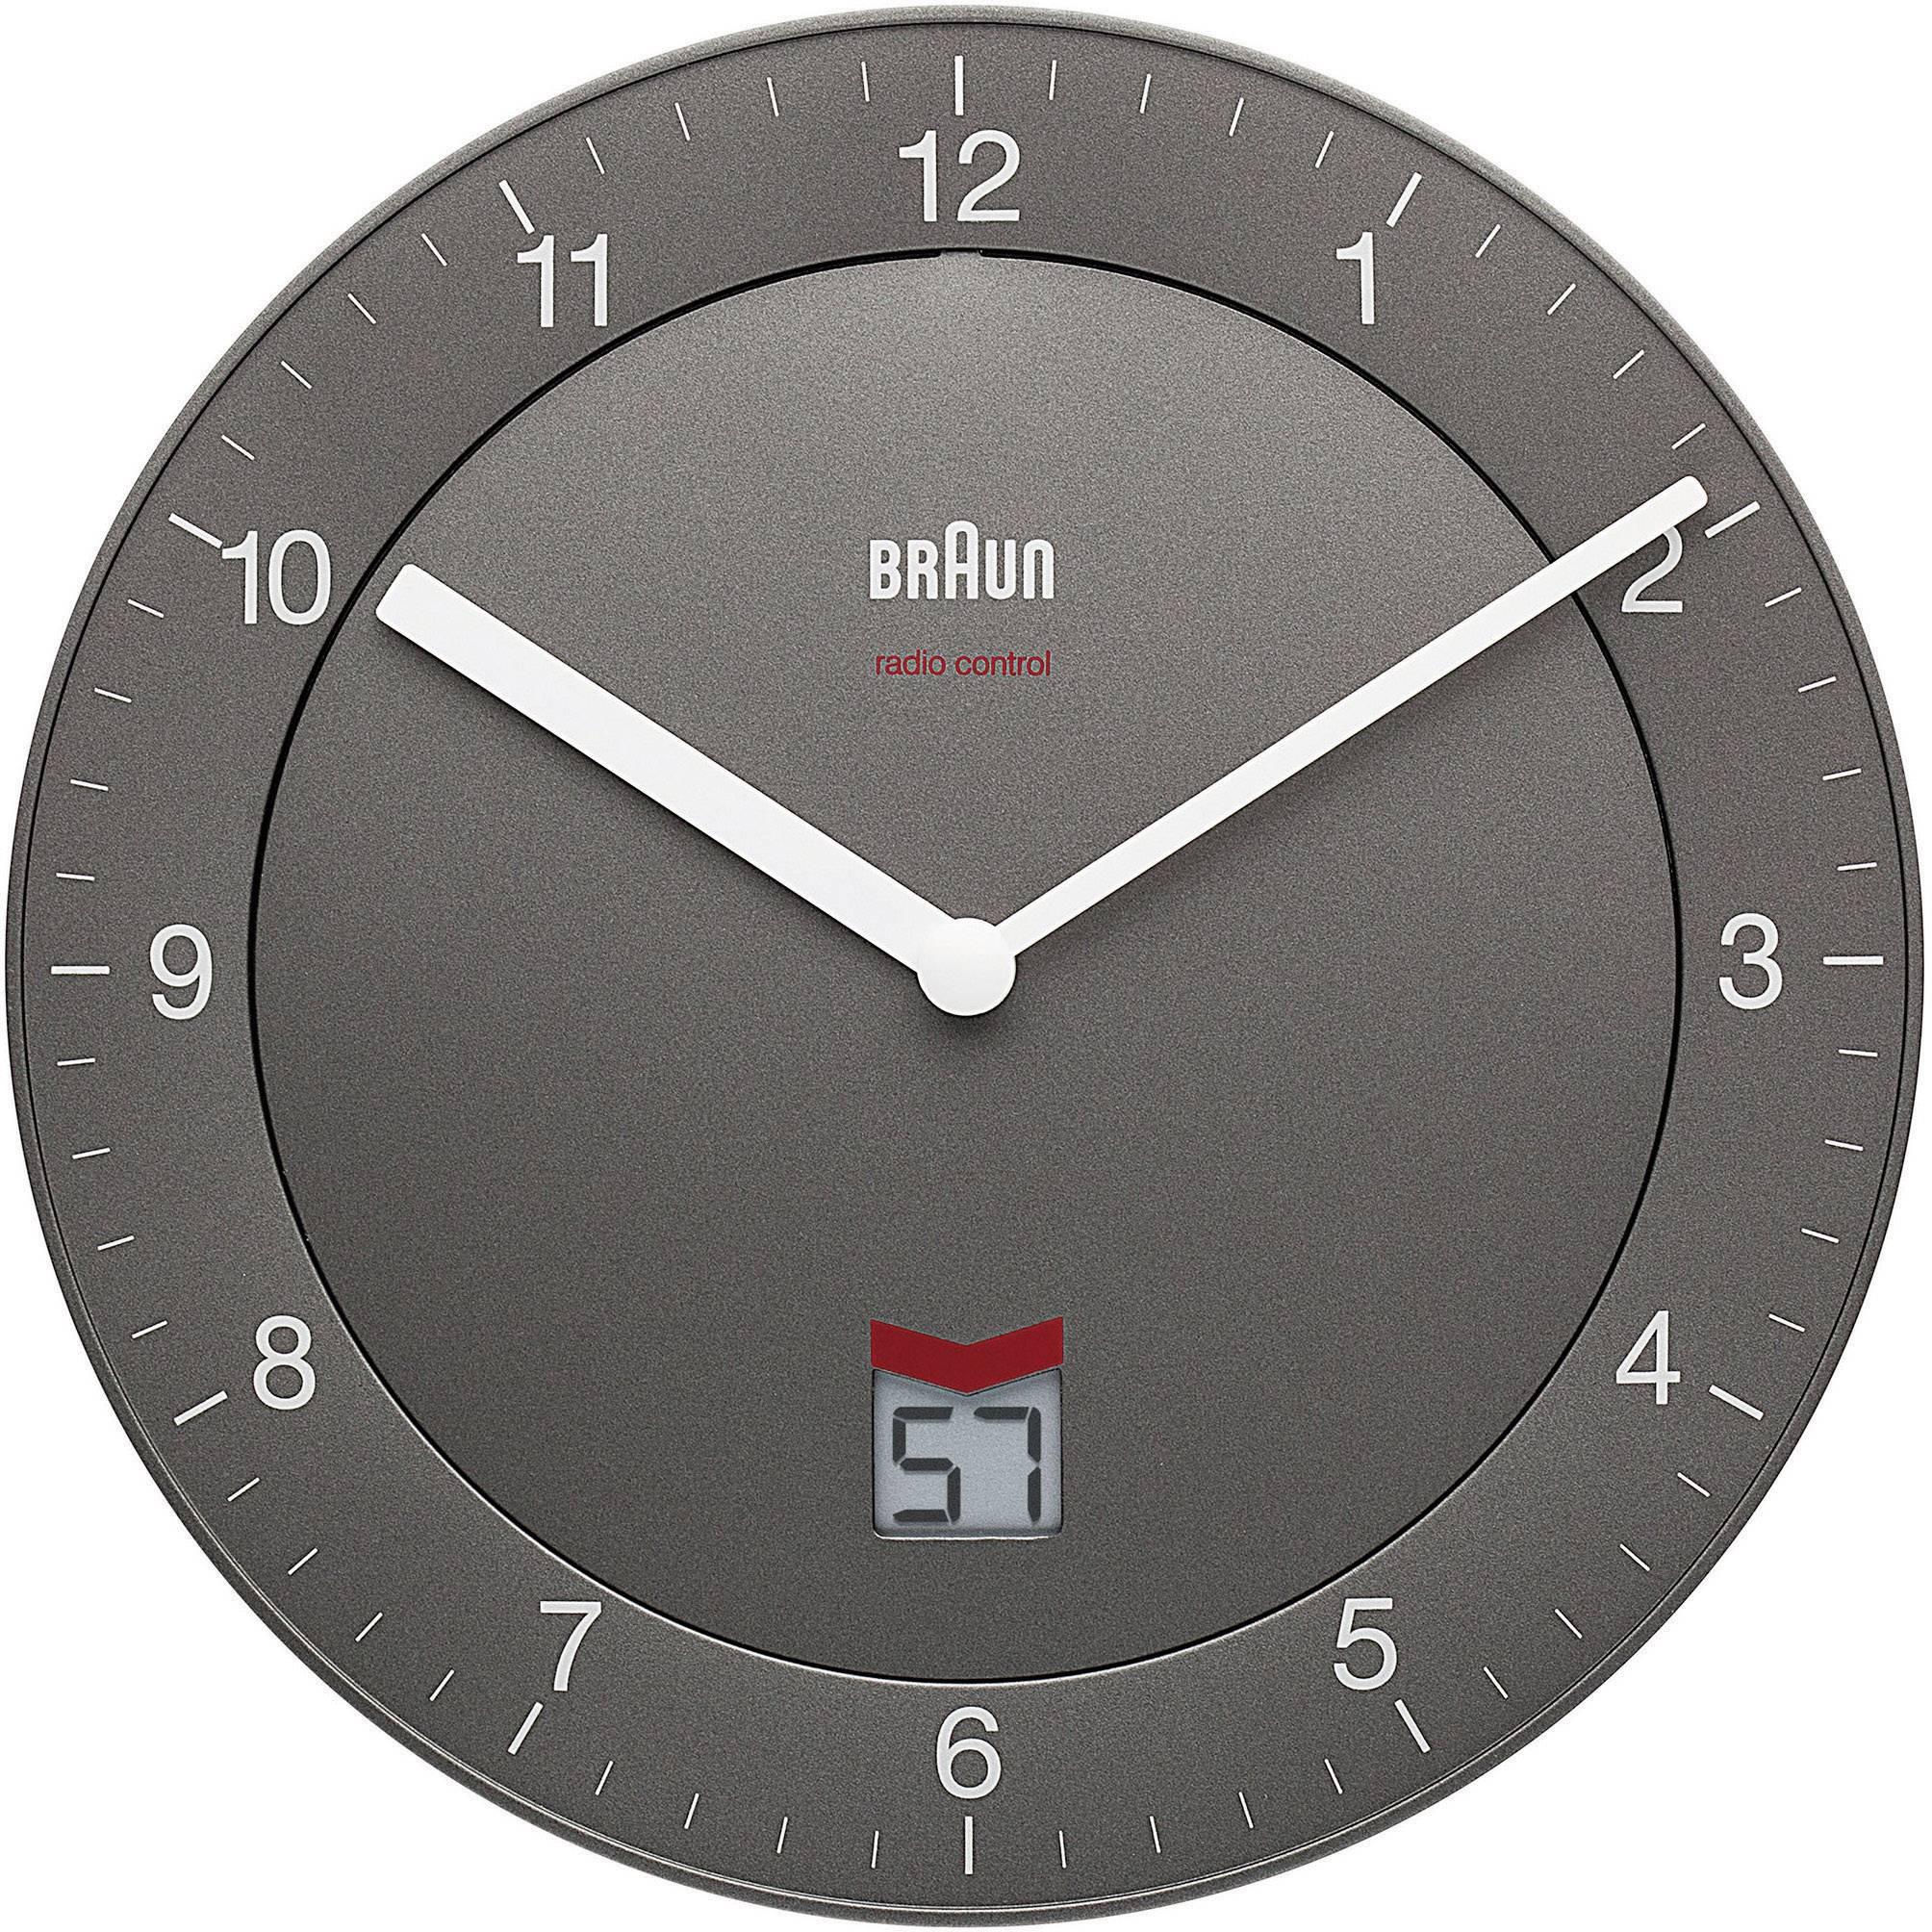 Nástenné DCF hodiny Braun Ø 20 cm